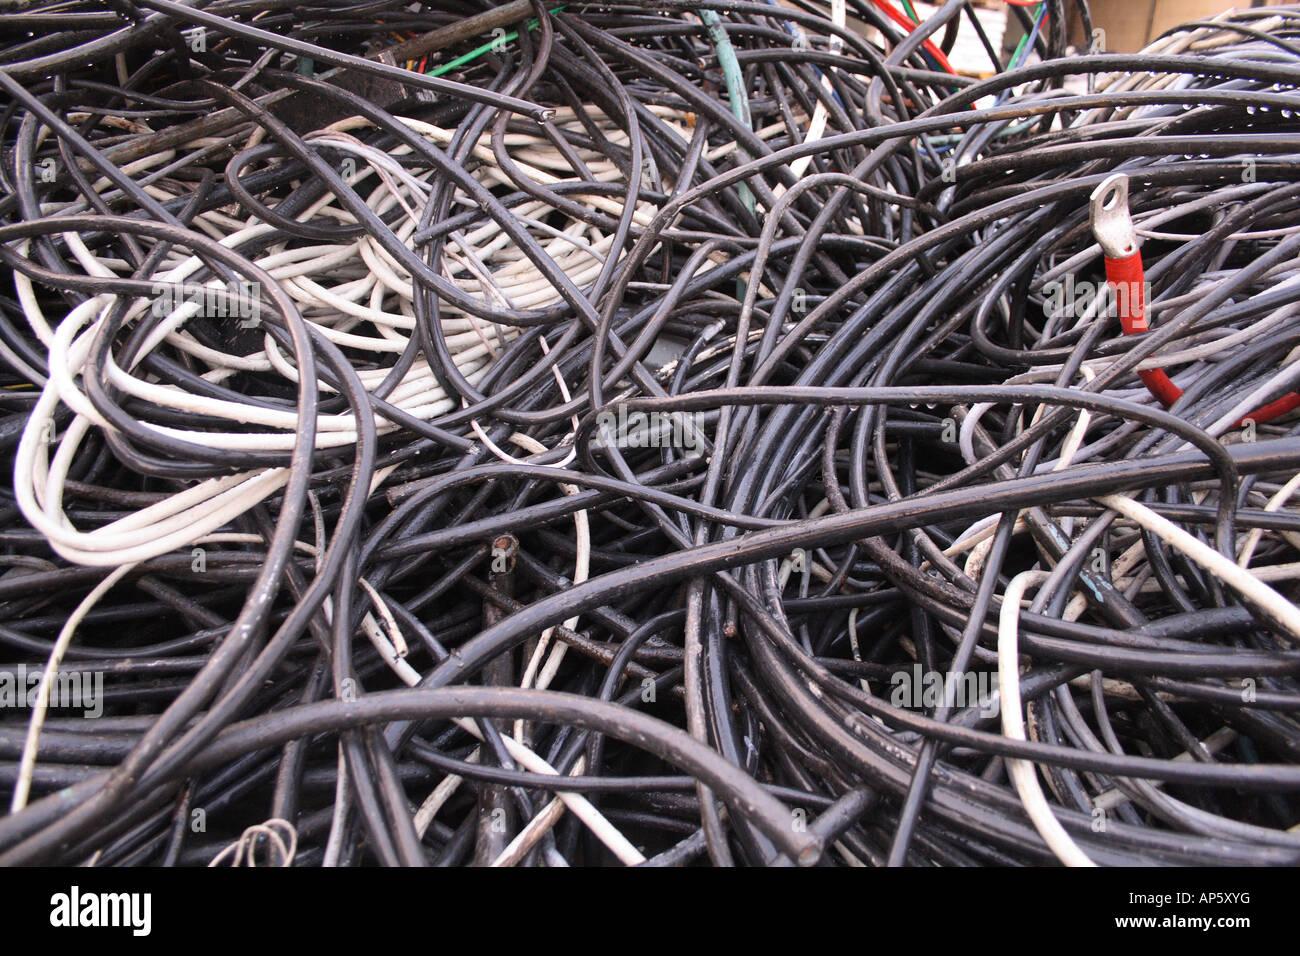 Gemütlich Recycling Kabel Und Kabel Galerie - Elektrische Schaltplan ...